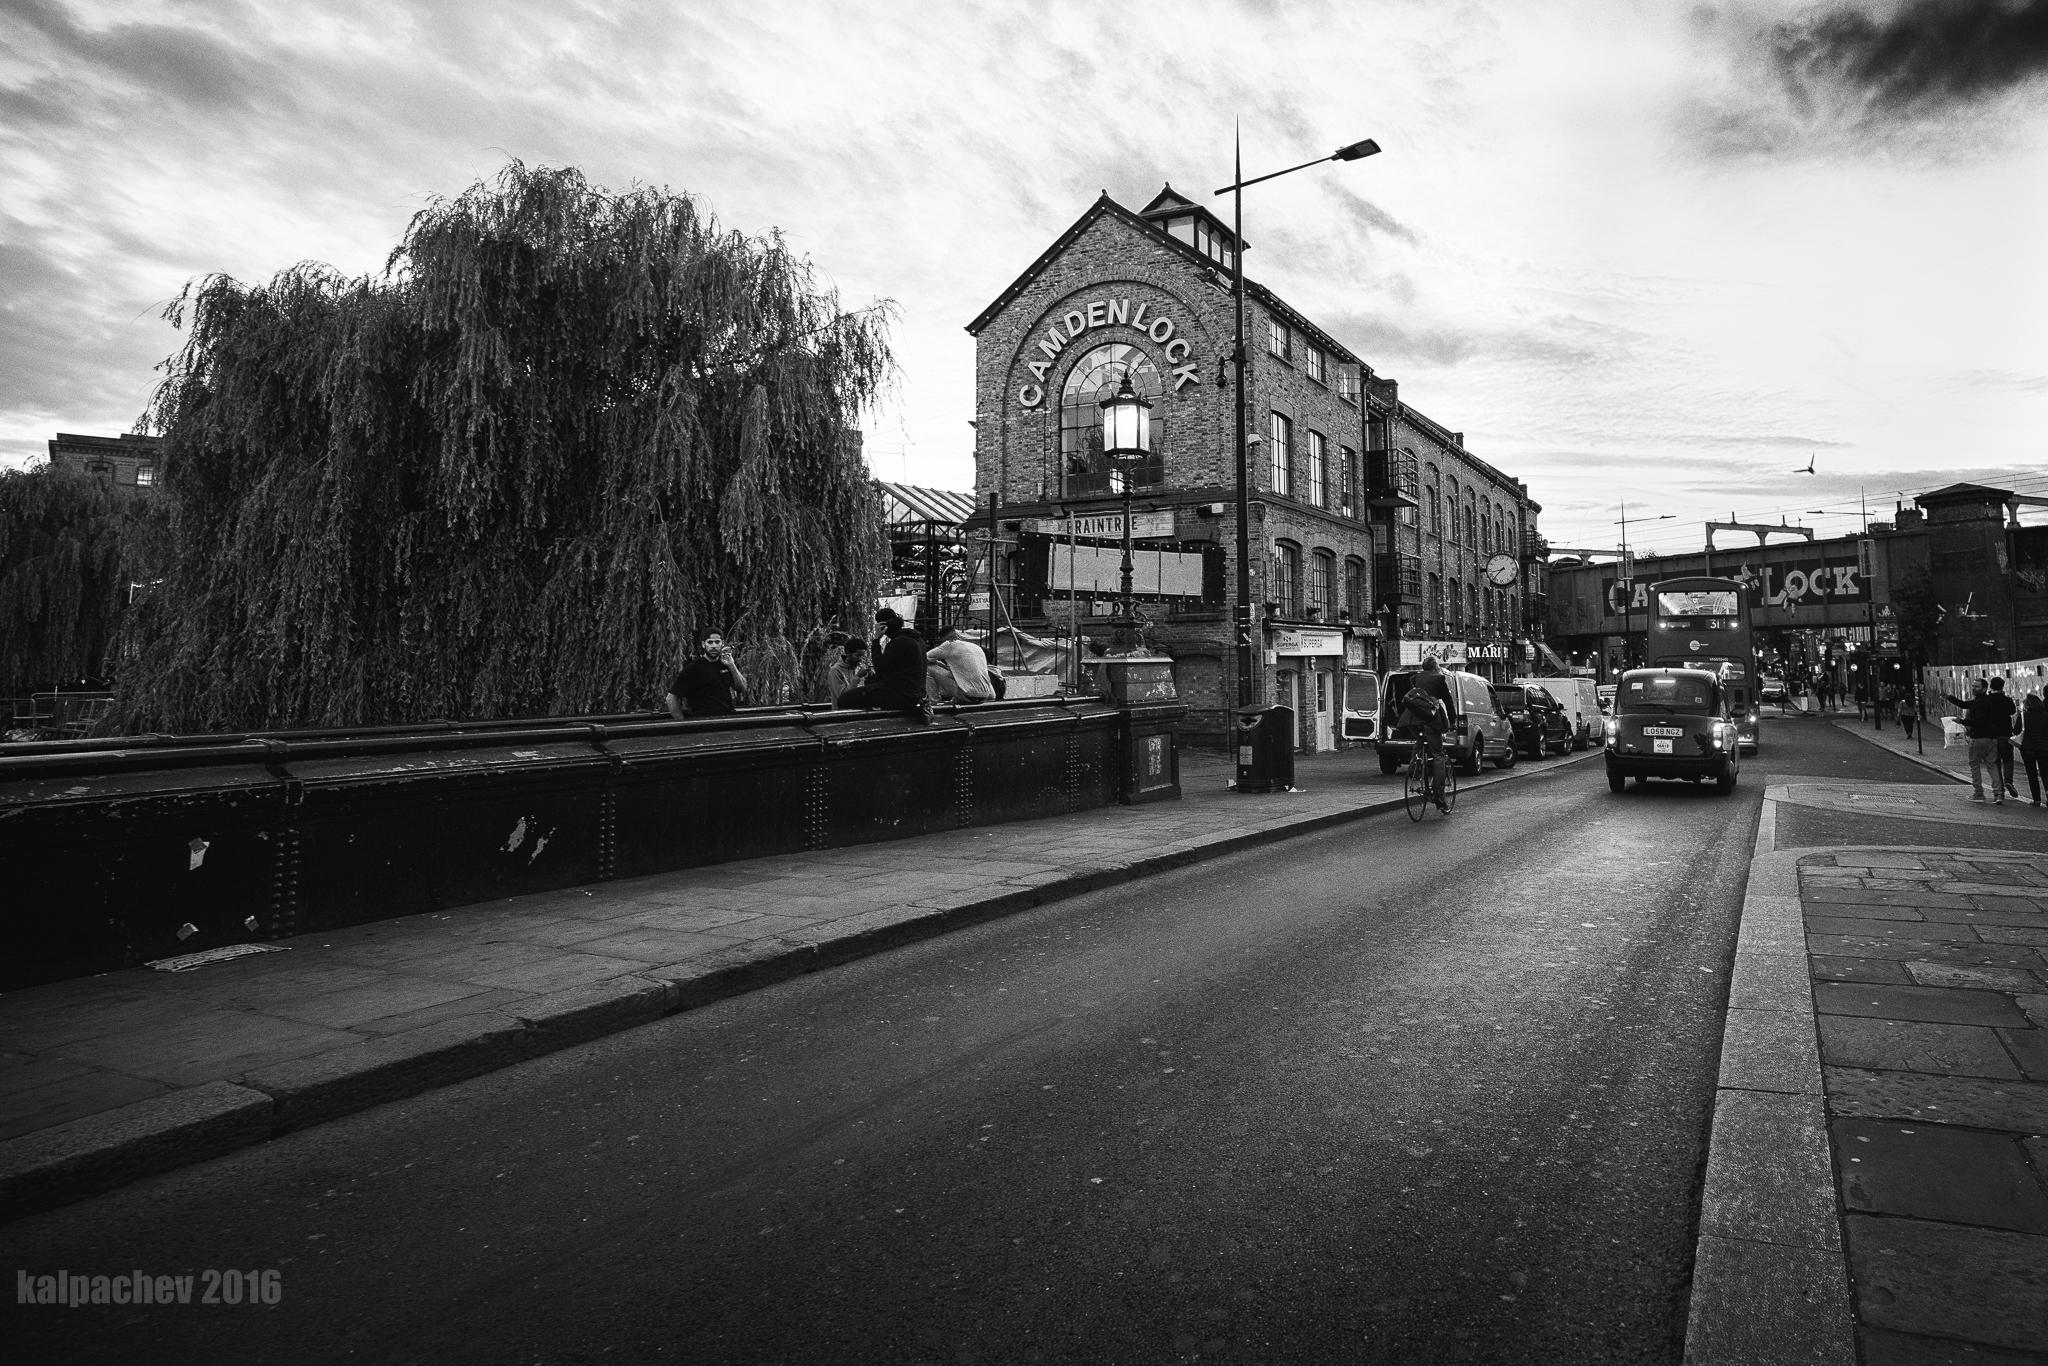 Camden Lock London #camdenlock #camden